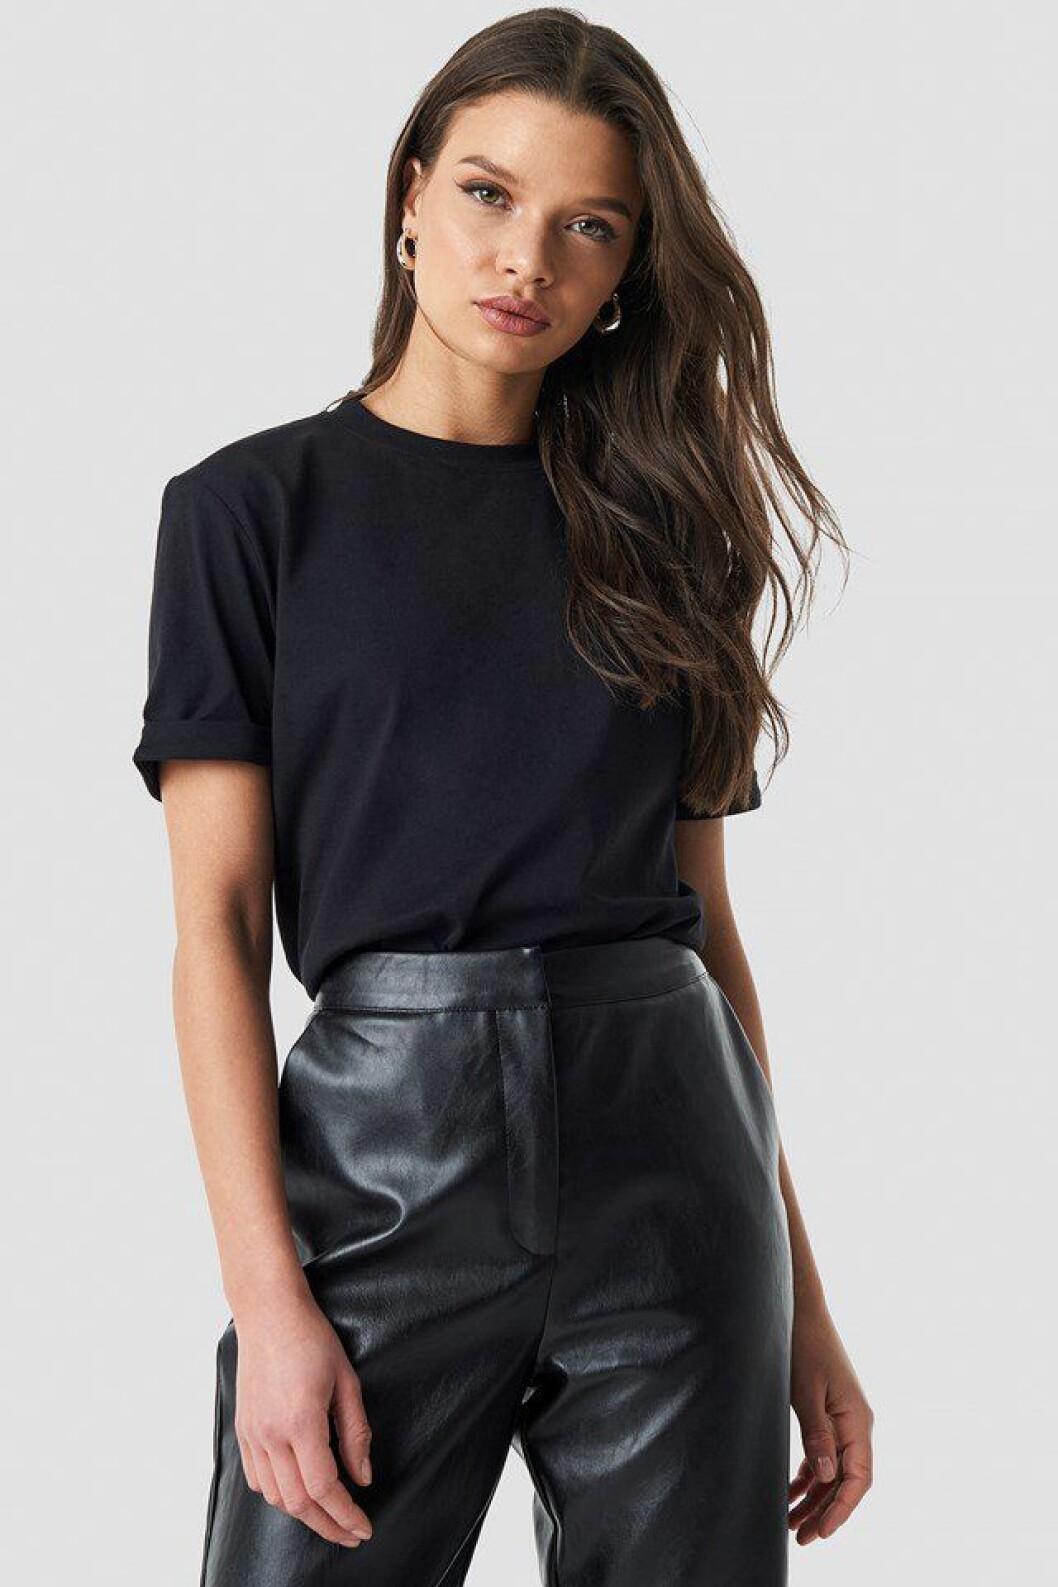 Linn Ahlborg Na-kd svart t-shirt